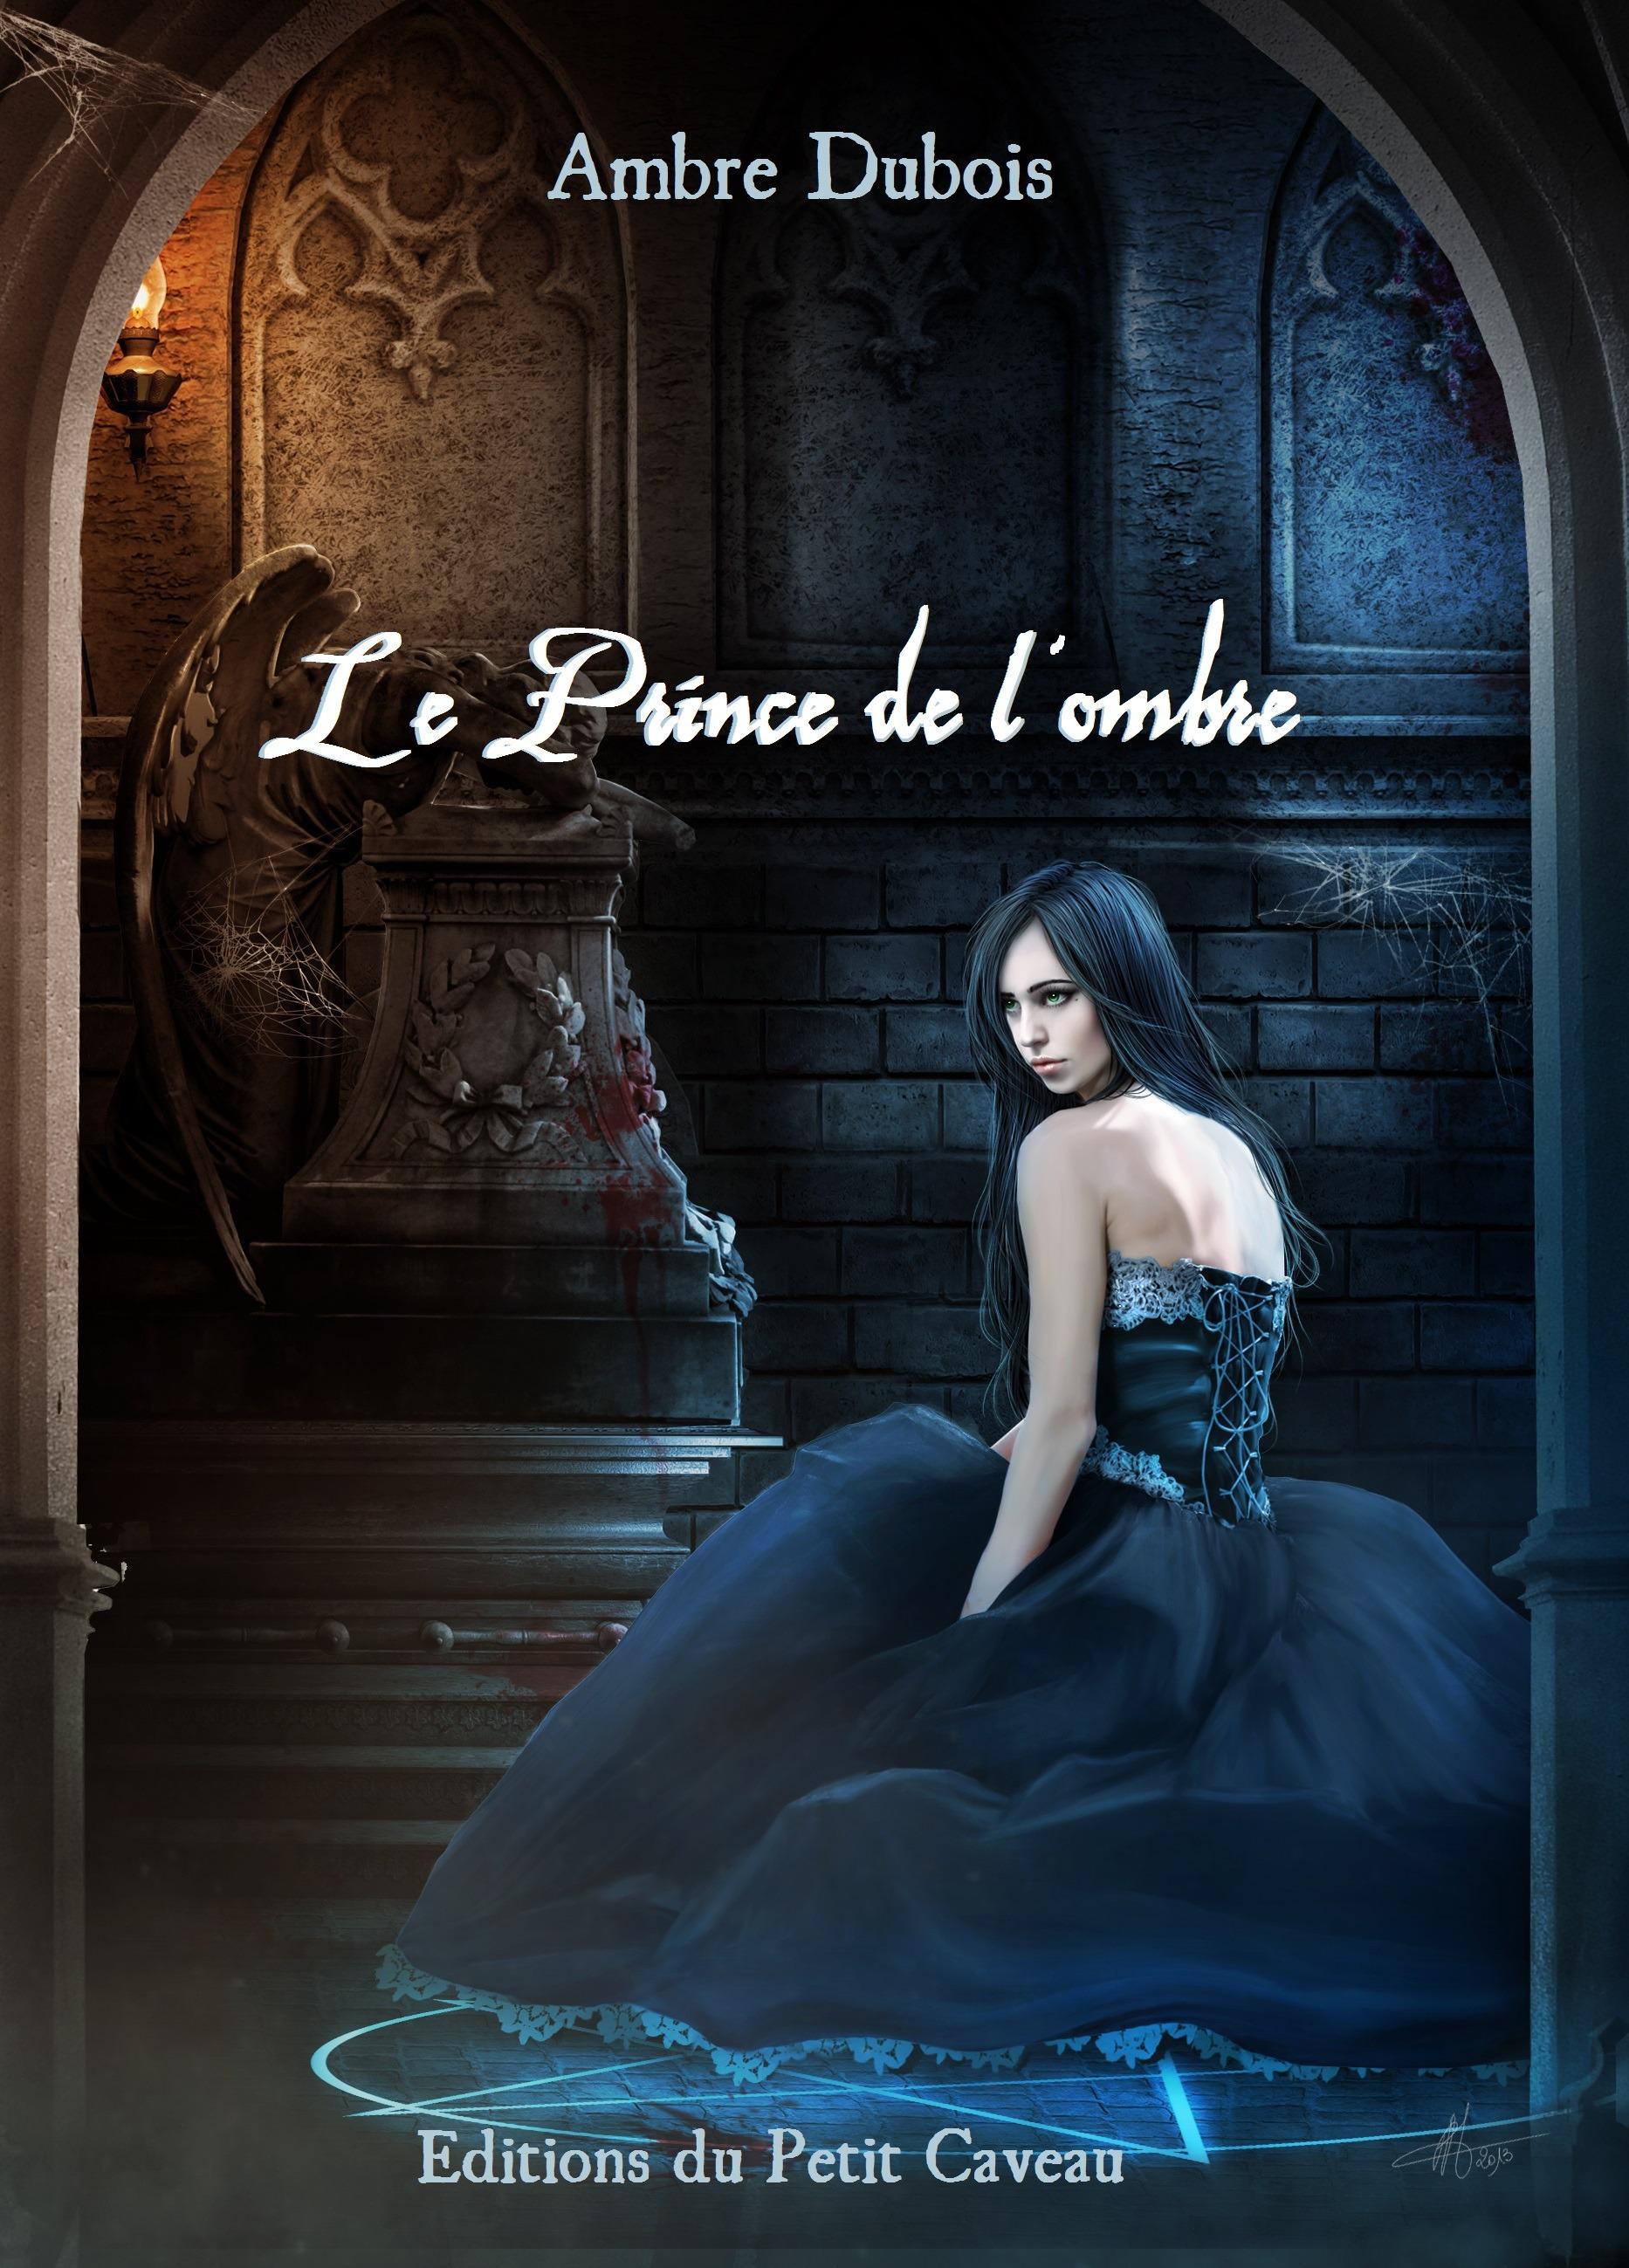 Le prince de l'ombre